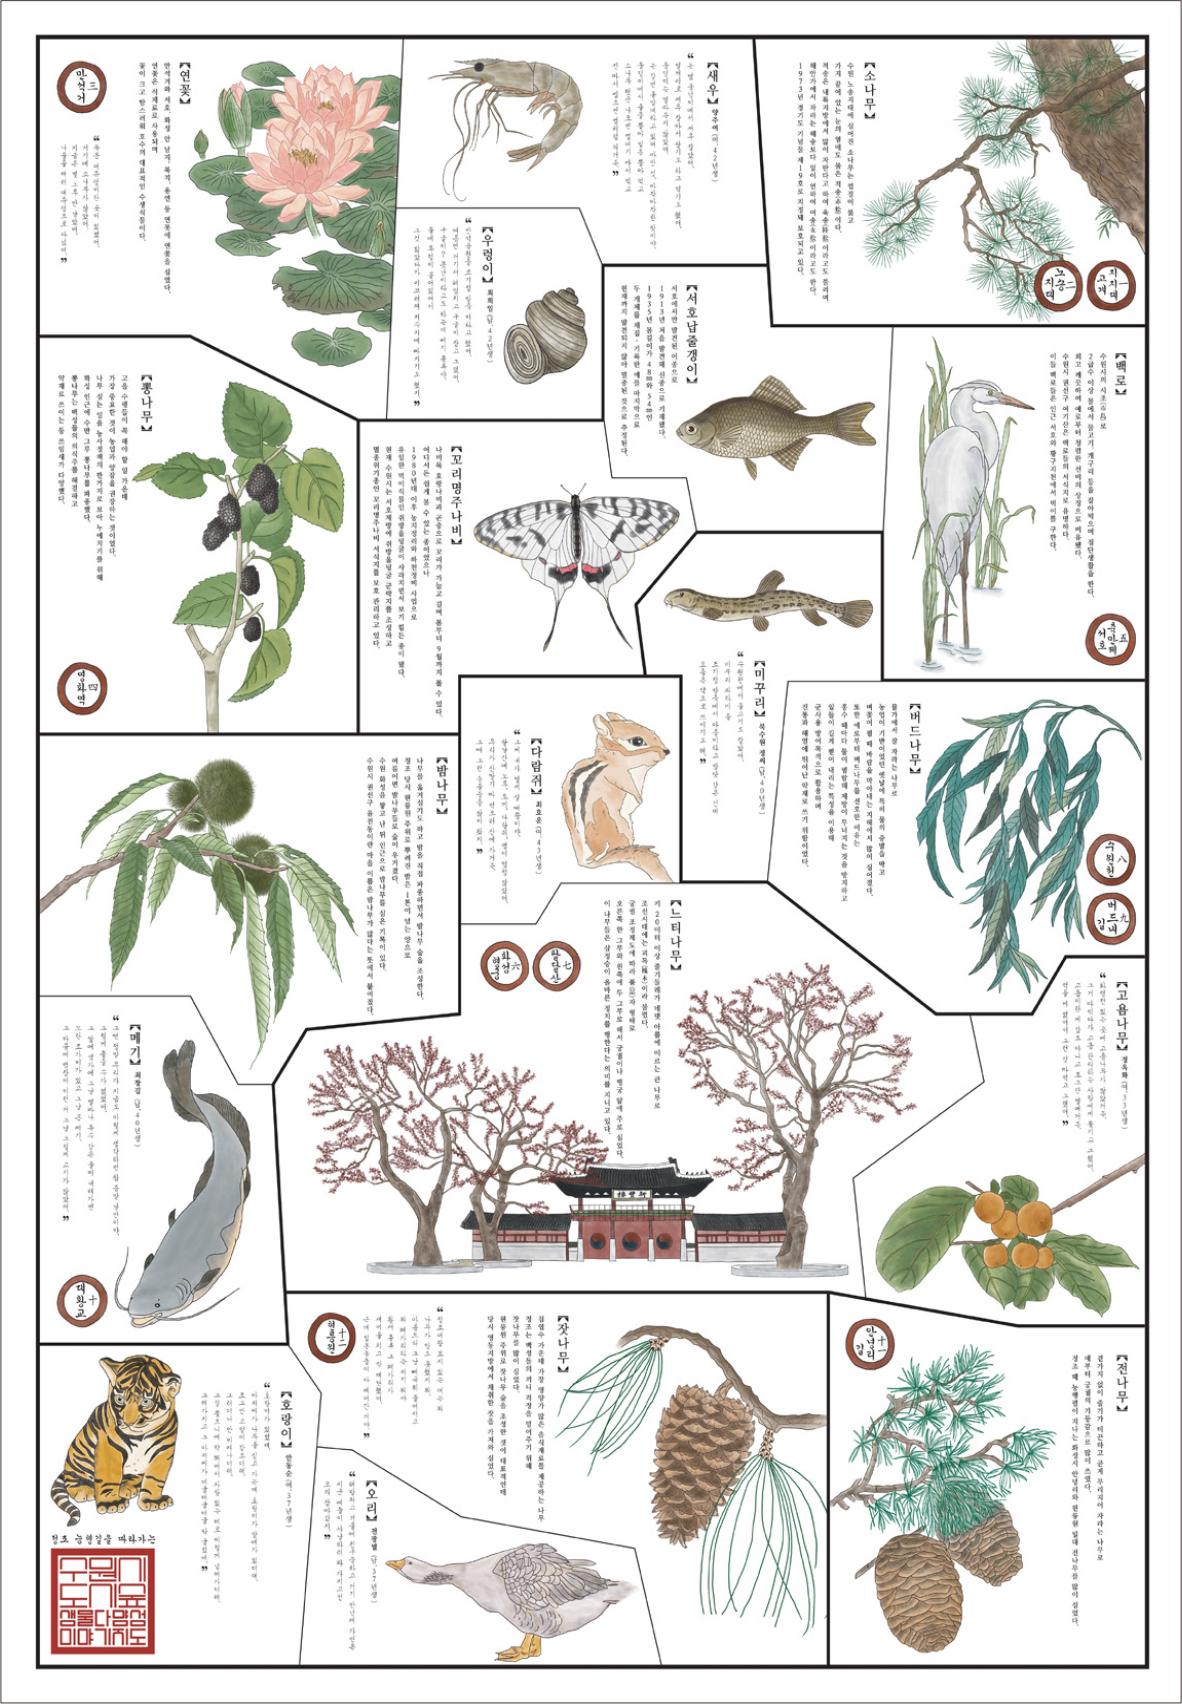 수원시 도시 숲 생물 다양성 이야기 지도(2016년)